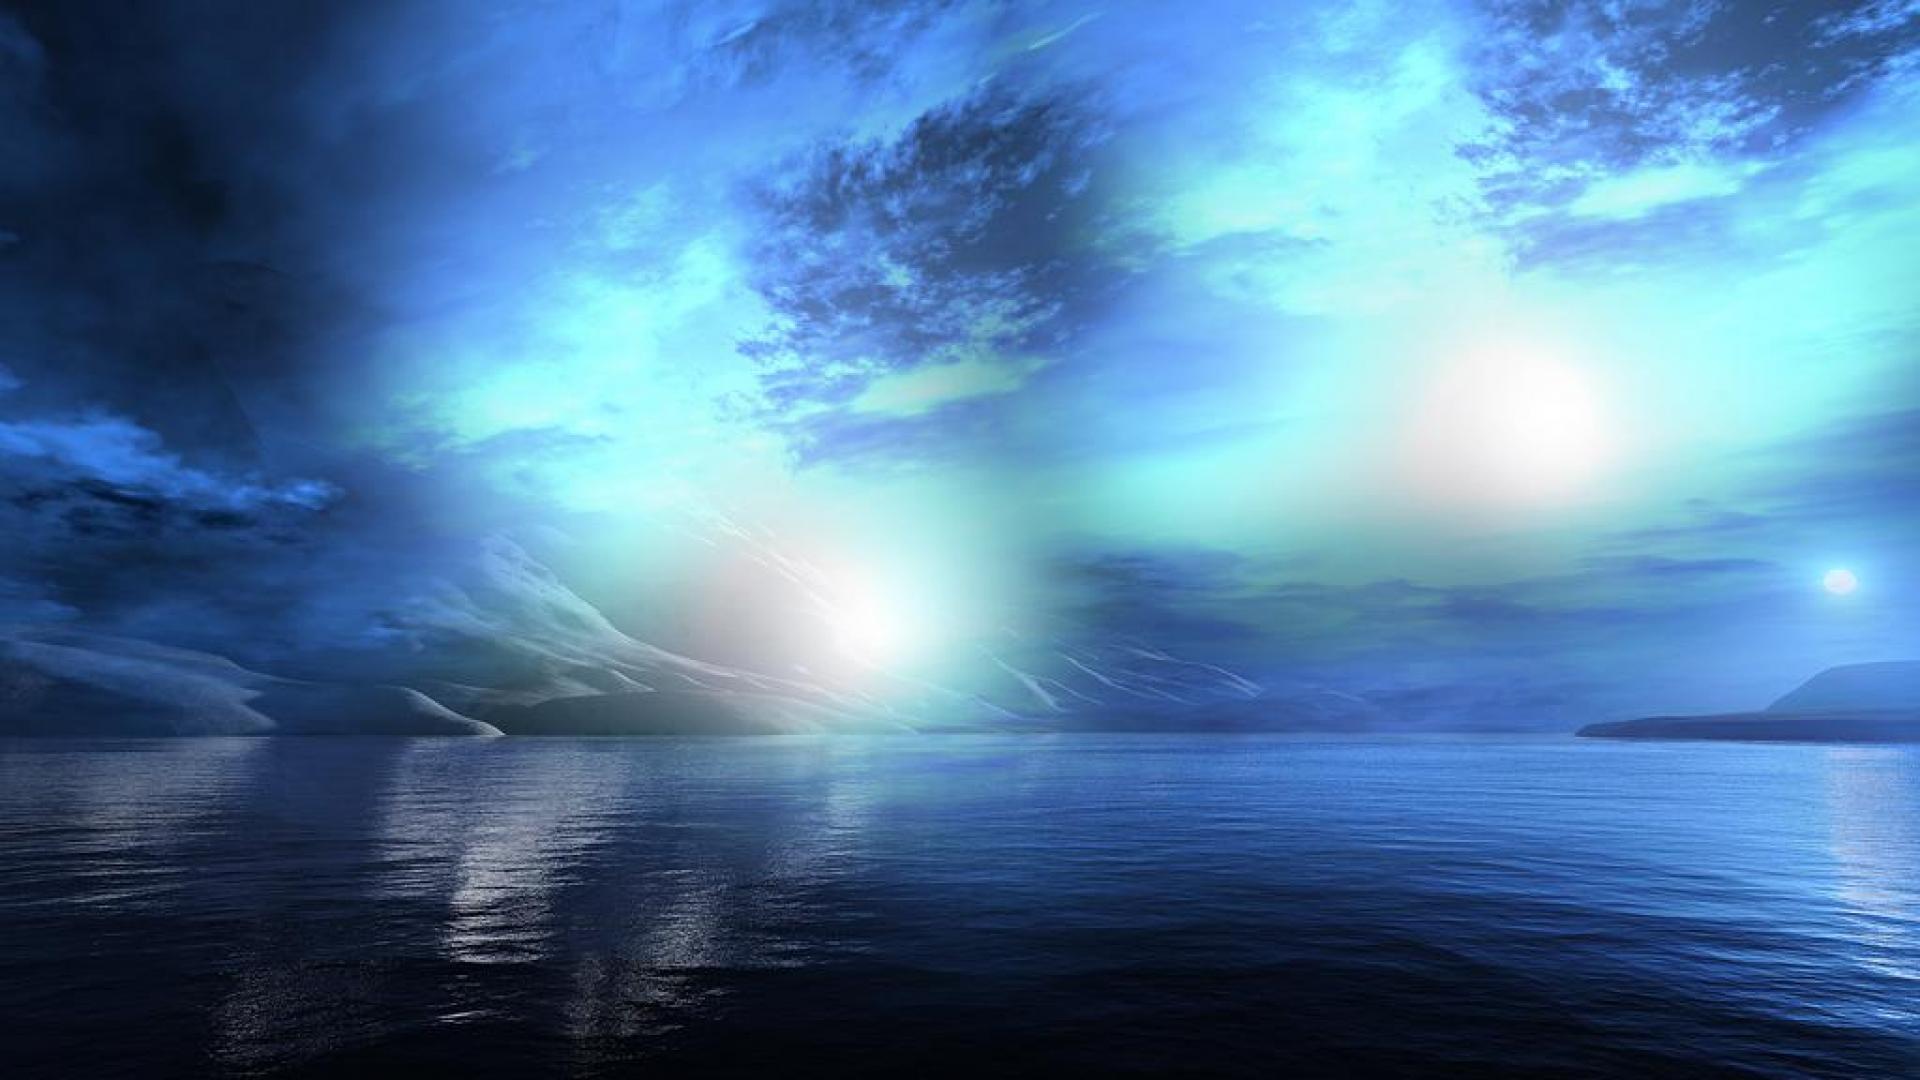 Heaven Wallpaper Screensavers - WallpaperSafari